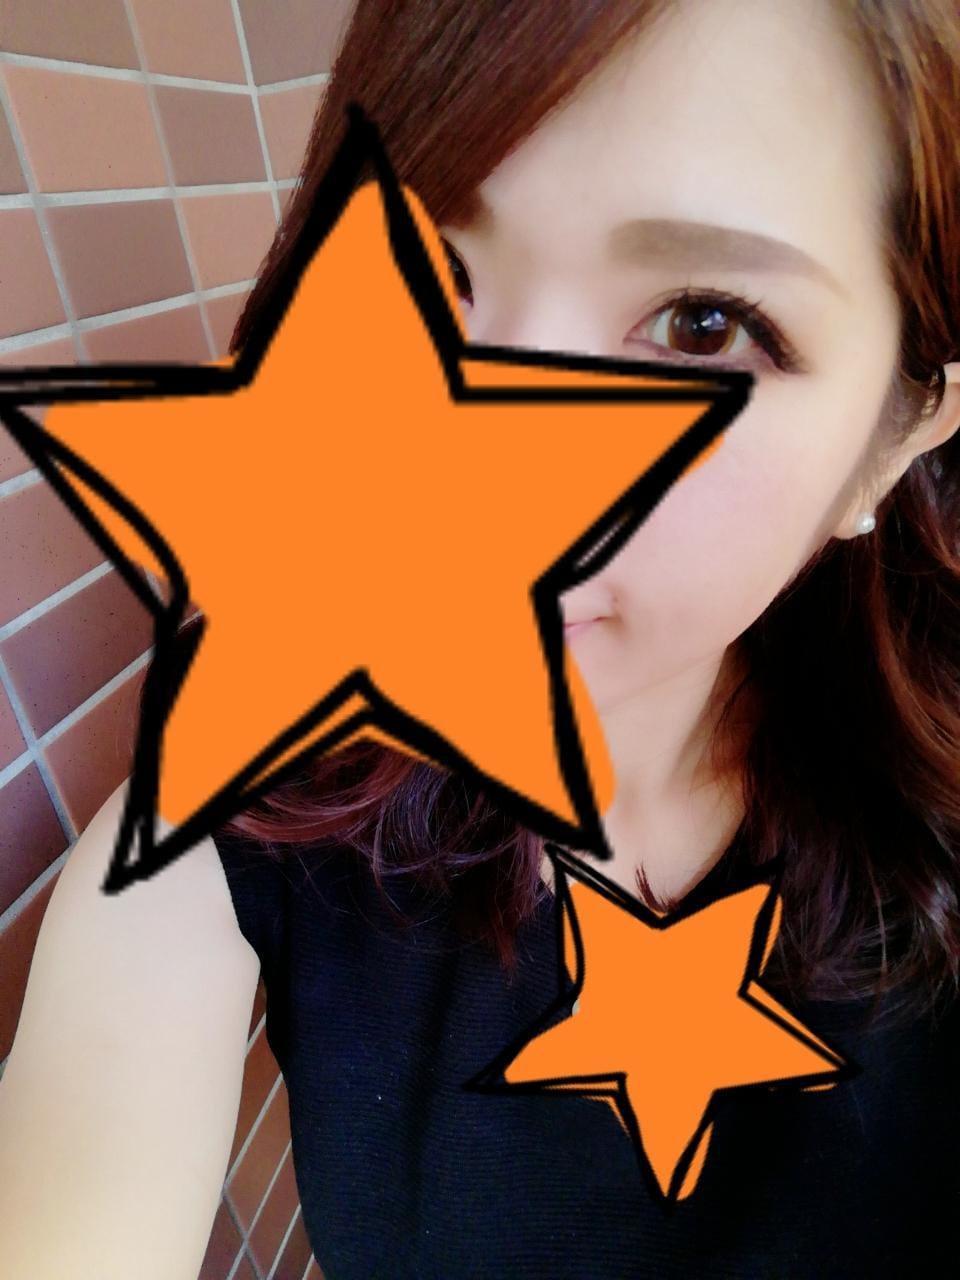 「おはようございます!」08/21(08/21) 15:04 | 福浦のりかの写メ・風俗動画